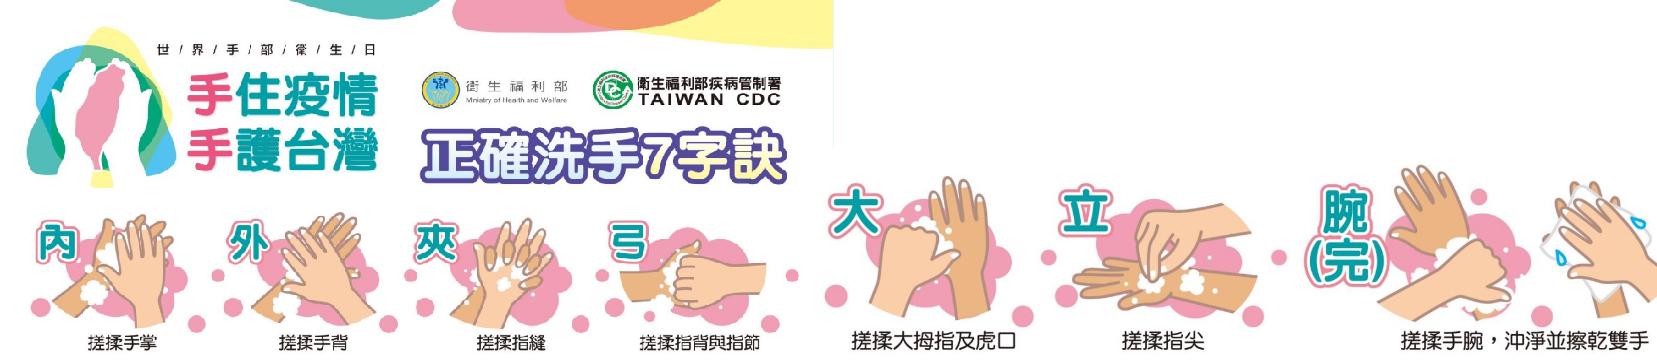 洗手七要訣(另開新視窗)